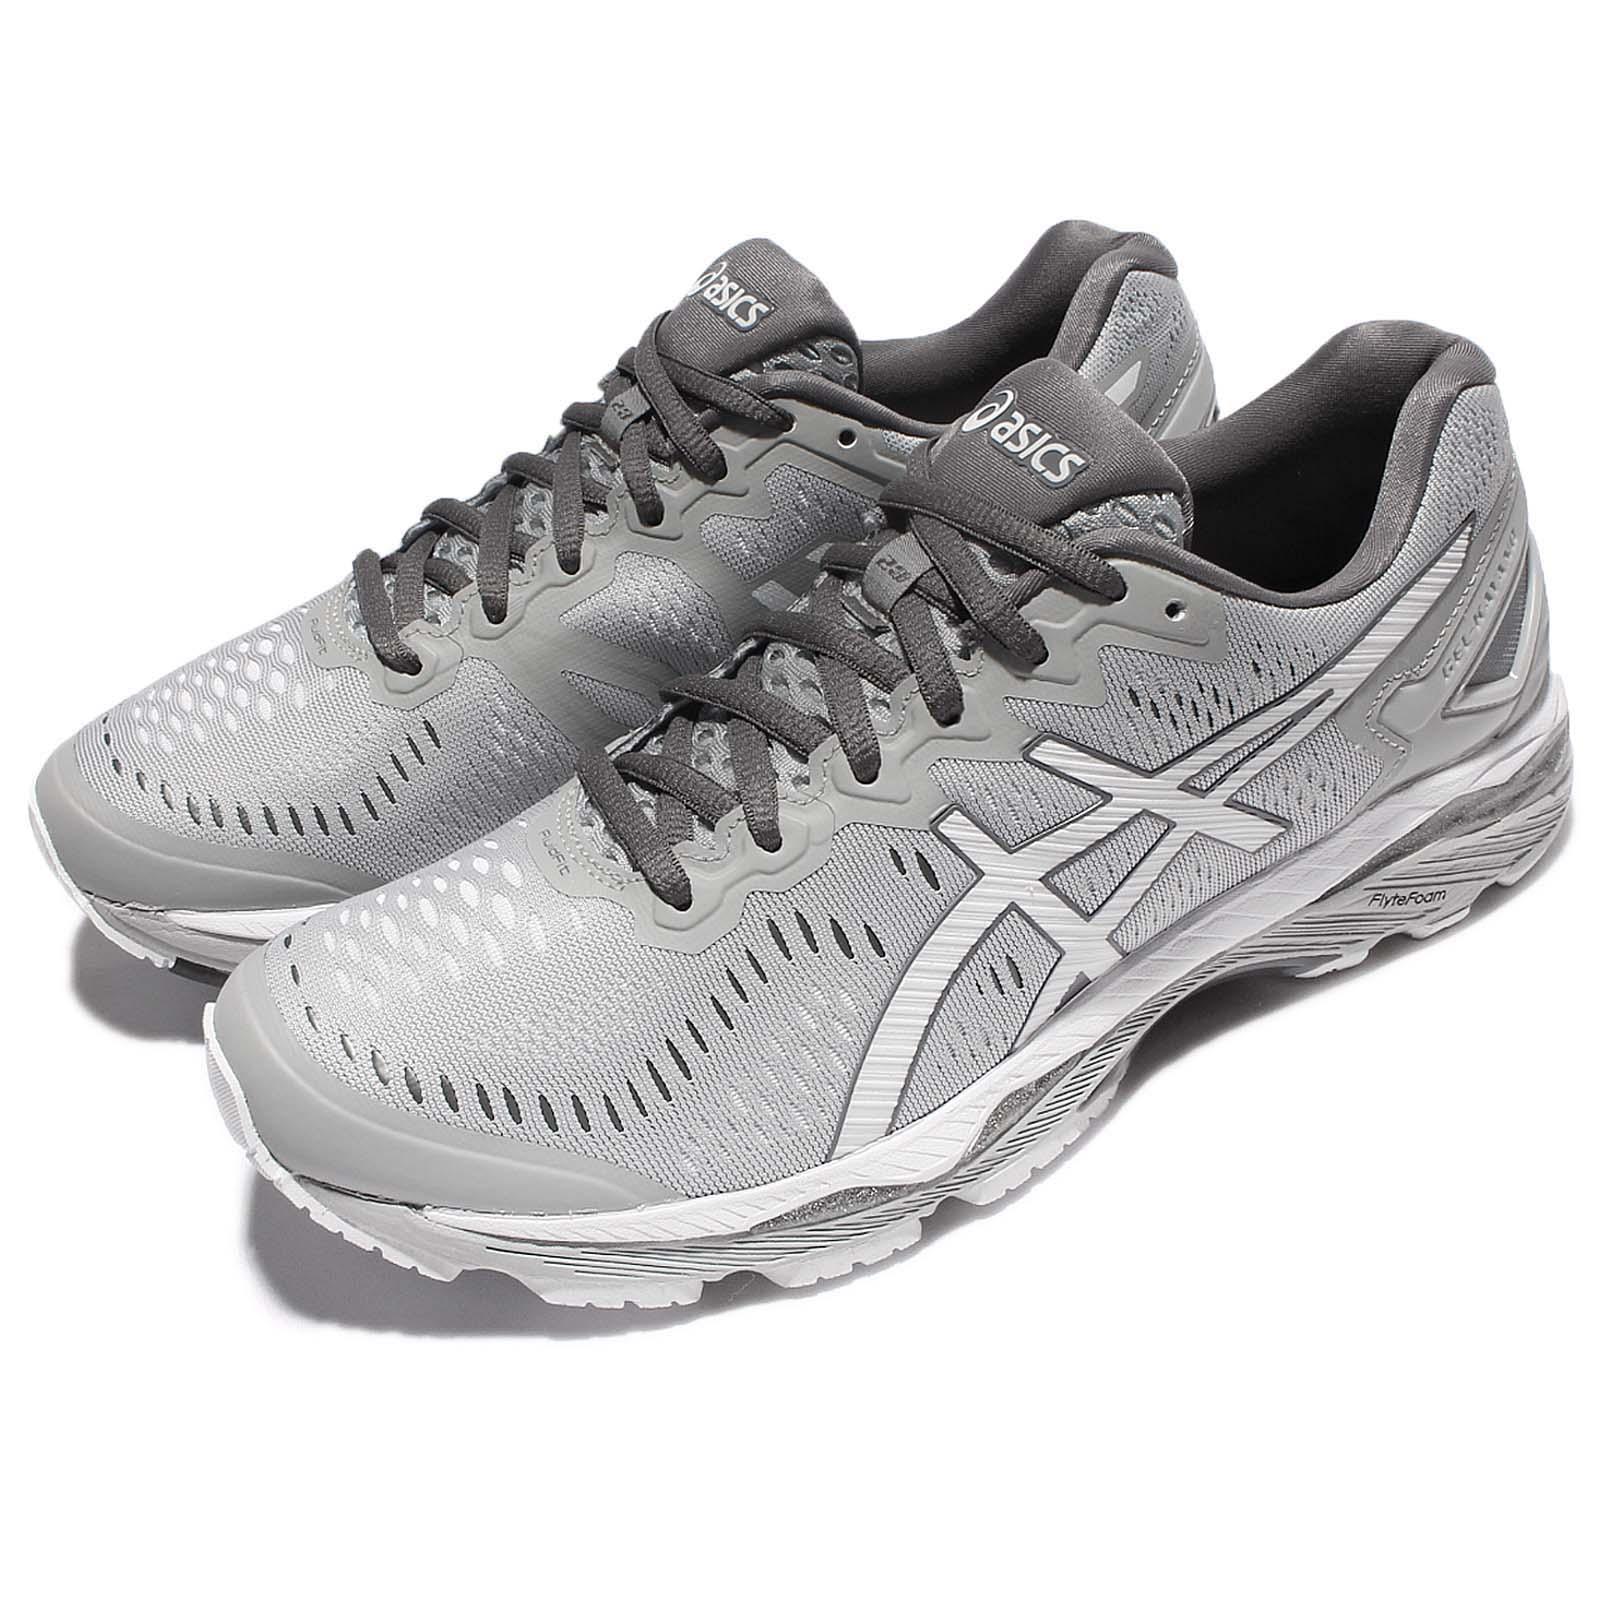 Asics 慢跑鞋 Gel-Kayano 23 運動 男鞋 T646N9601